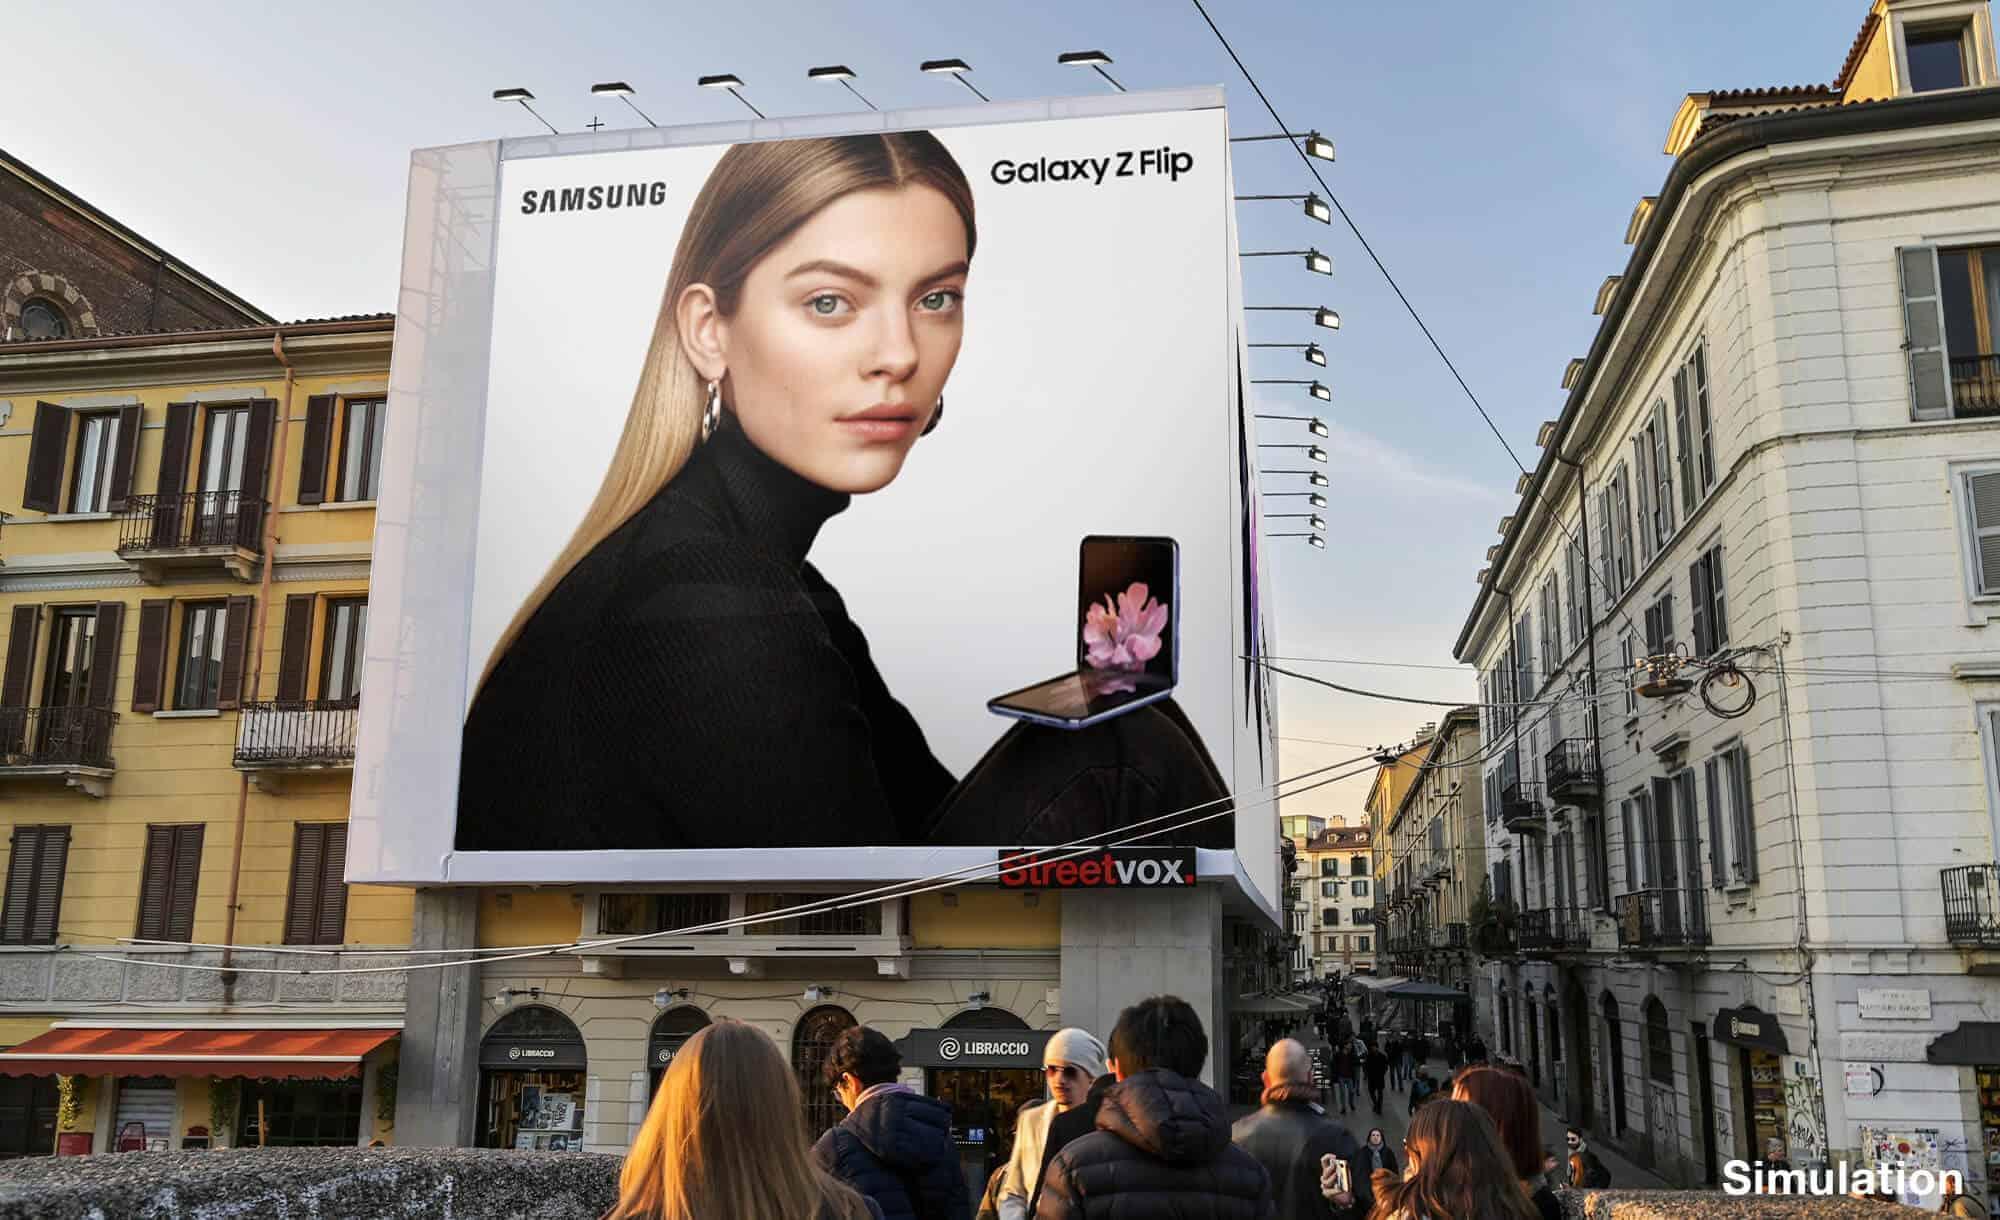 Maxi Affissione a Milano in Via Corsico 12 Navigli di Samsung (technology)